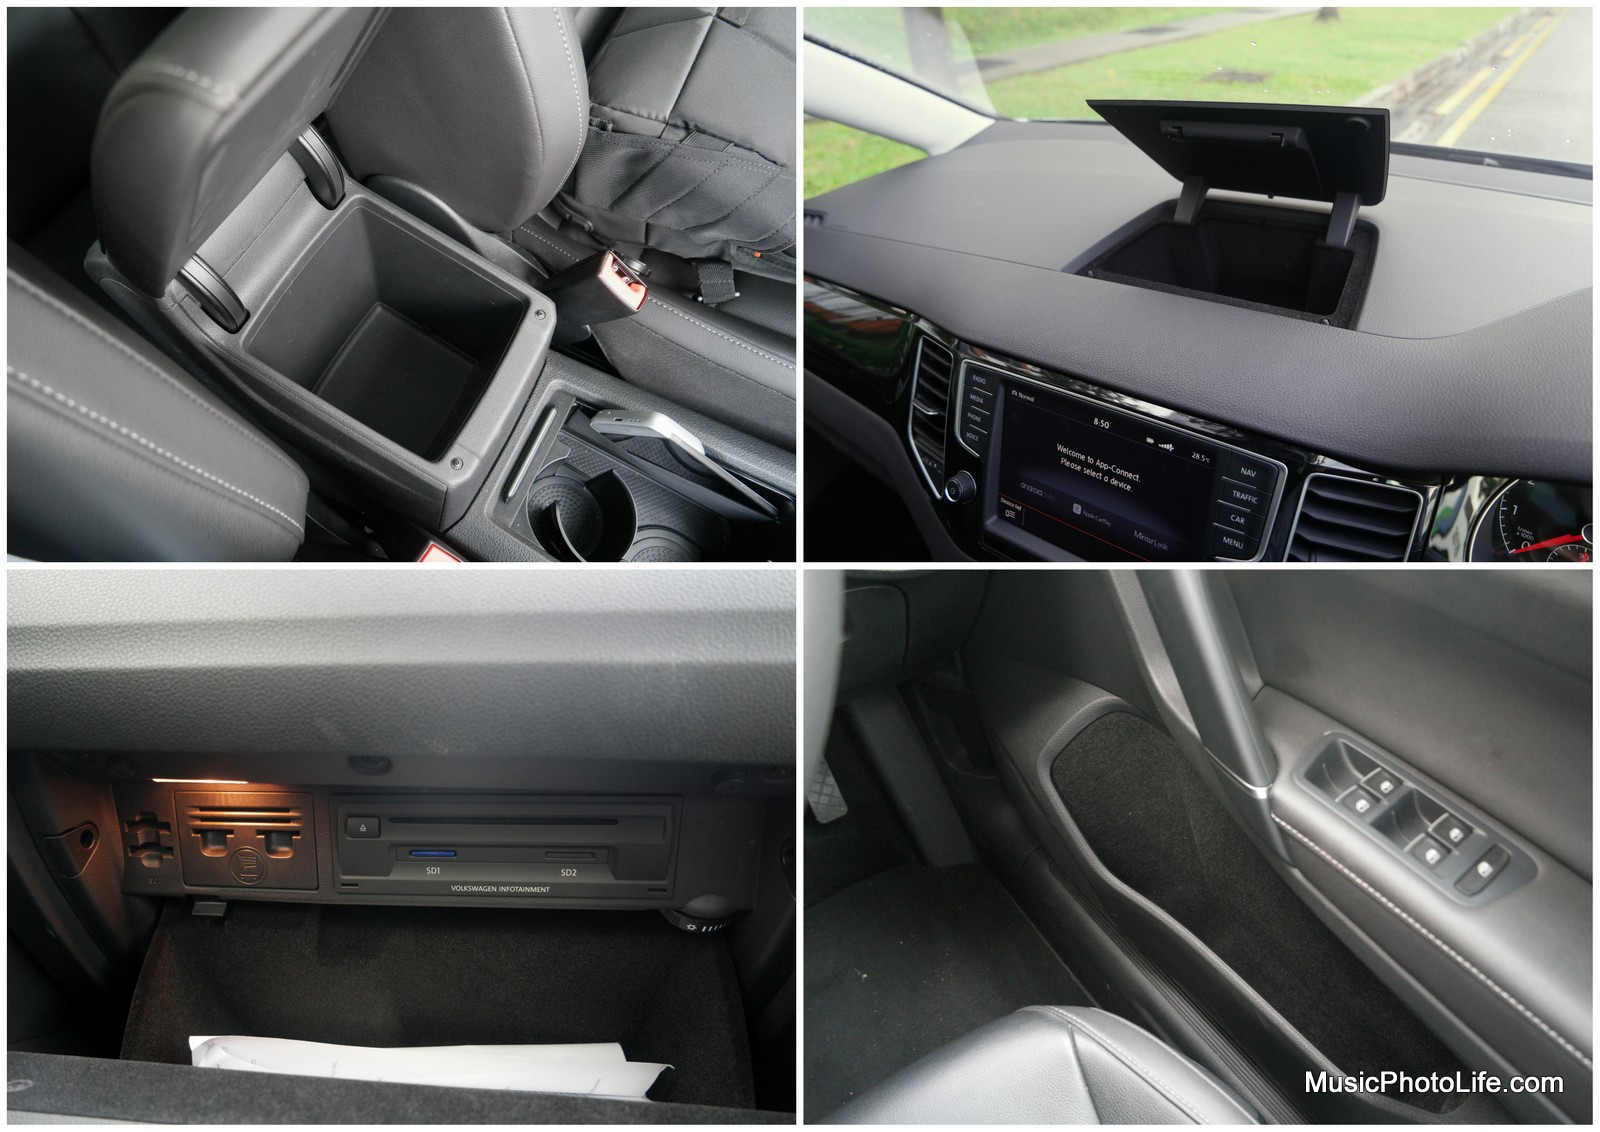 Volkswagen Sportsvan compartments